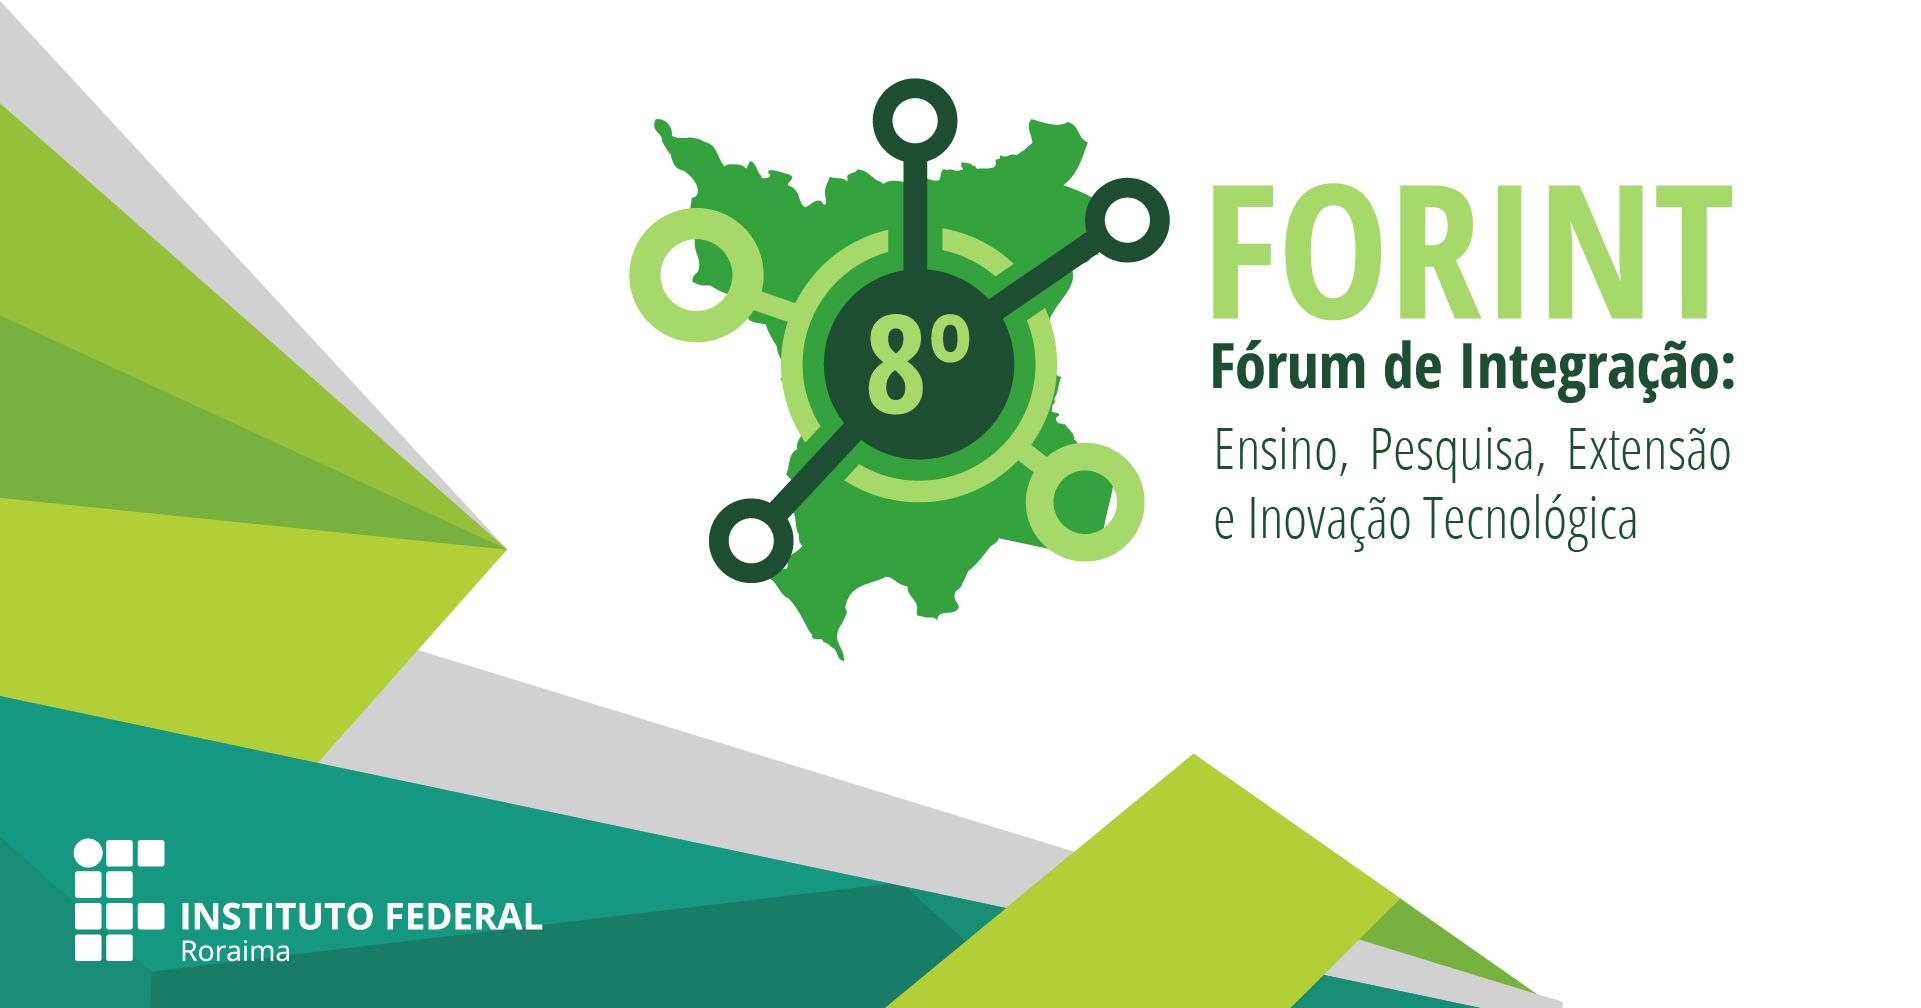 Conheça o resultado da votação da nova logo do Forint